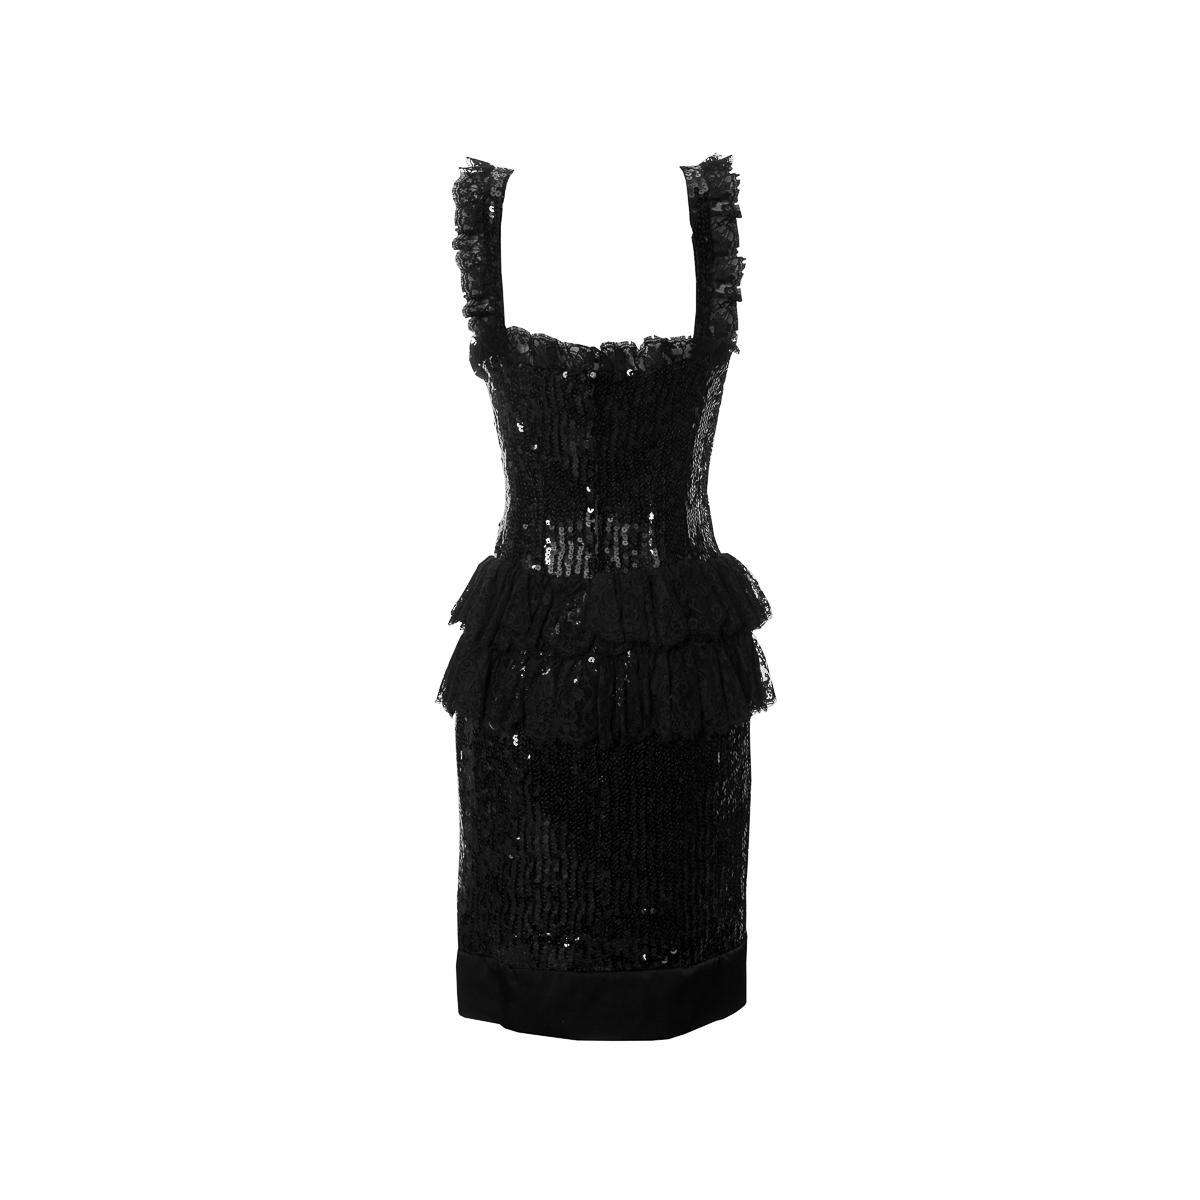 Элегантное коктейльное платье черного цвета от Chanel, 38 размер.